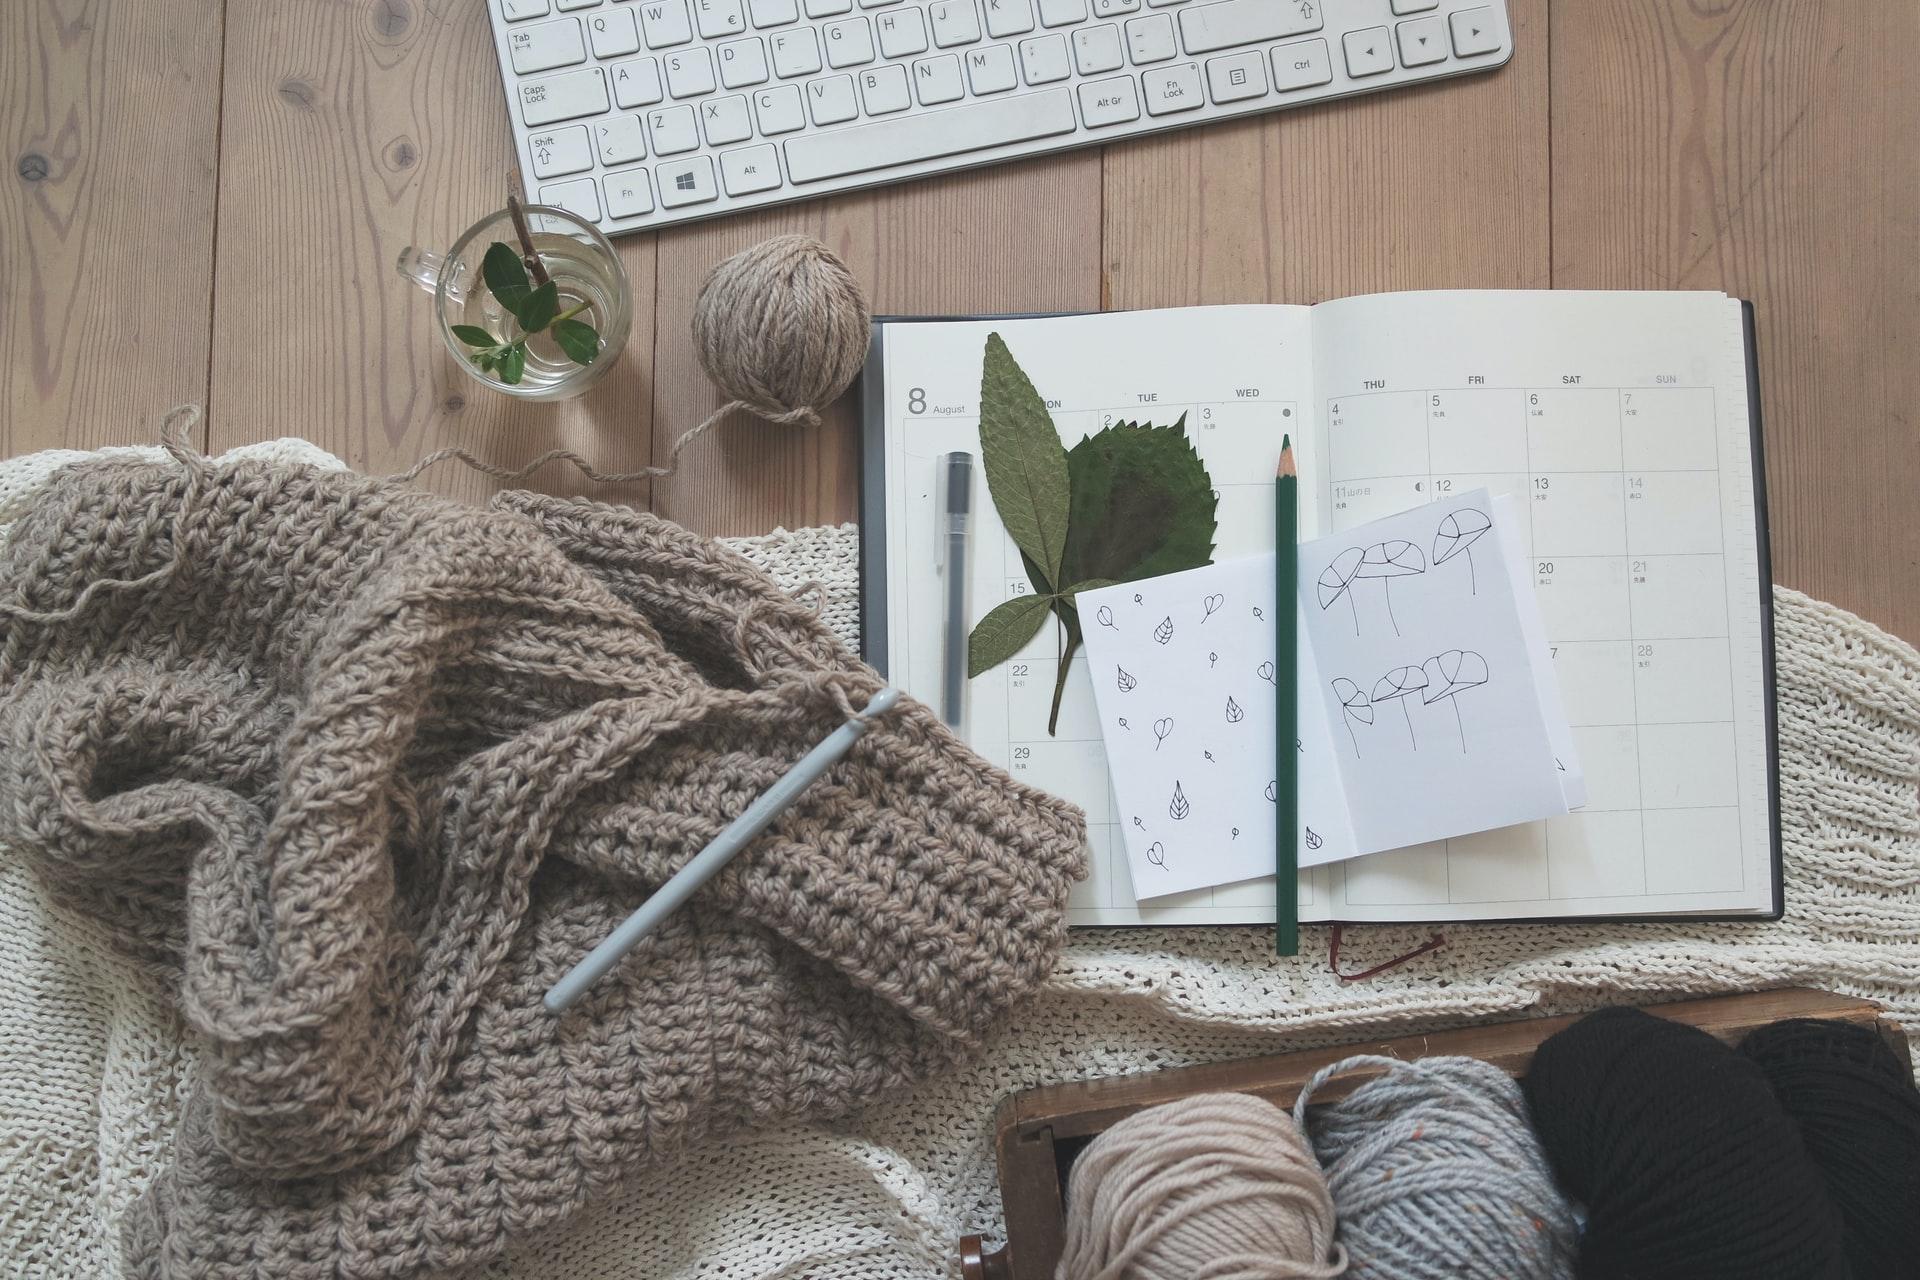 giulia bertelli 2OU30mdtseY unsplash - Nye strikkeopskrifter til dig der elsker at strikke